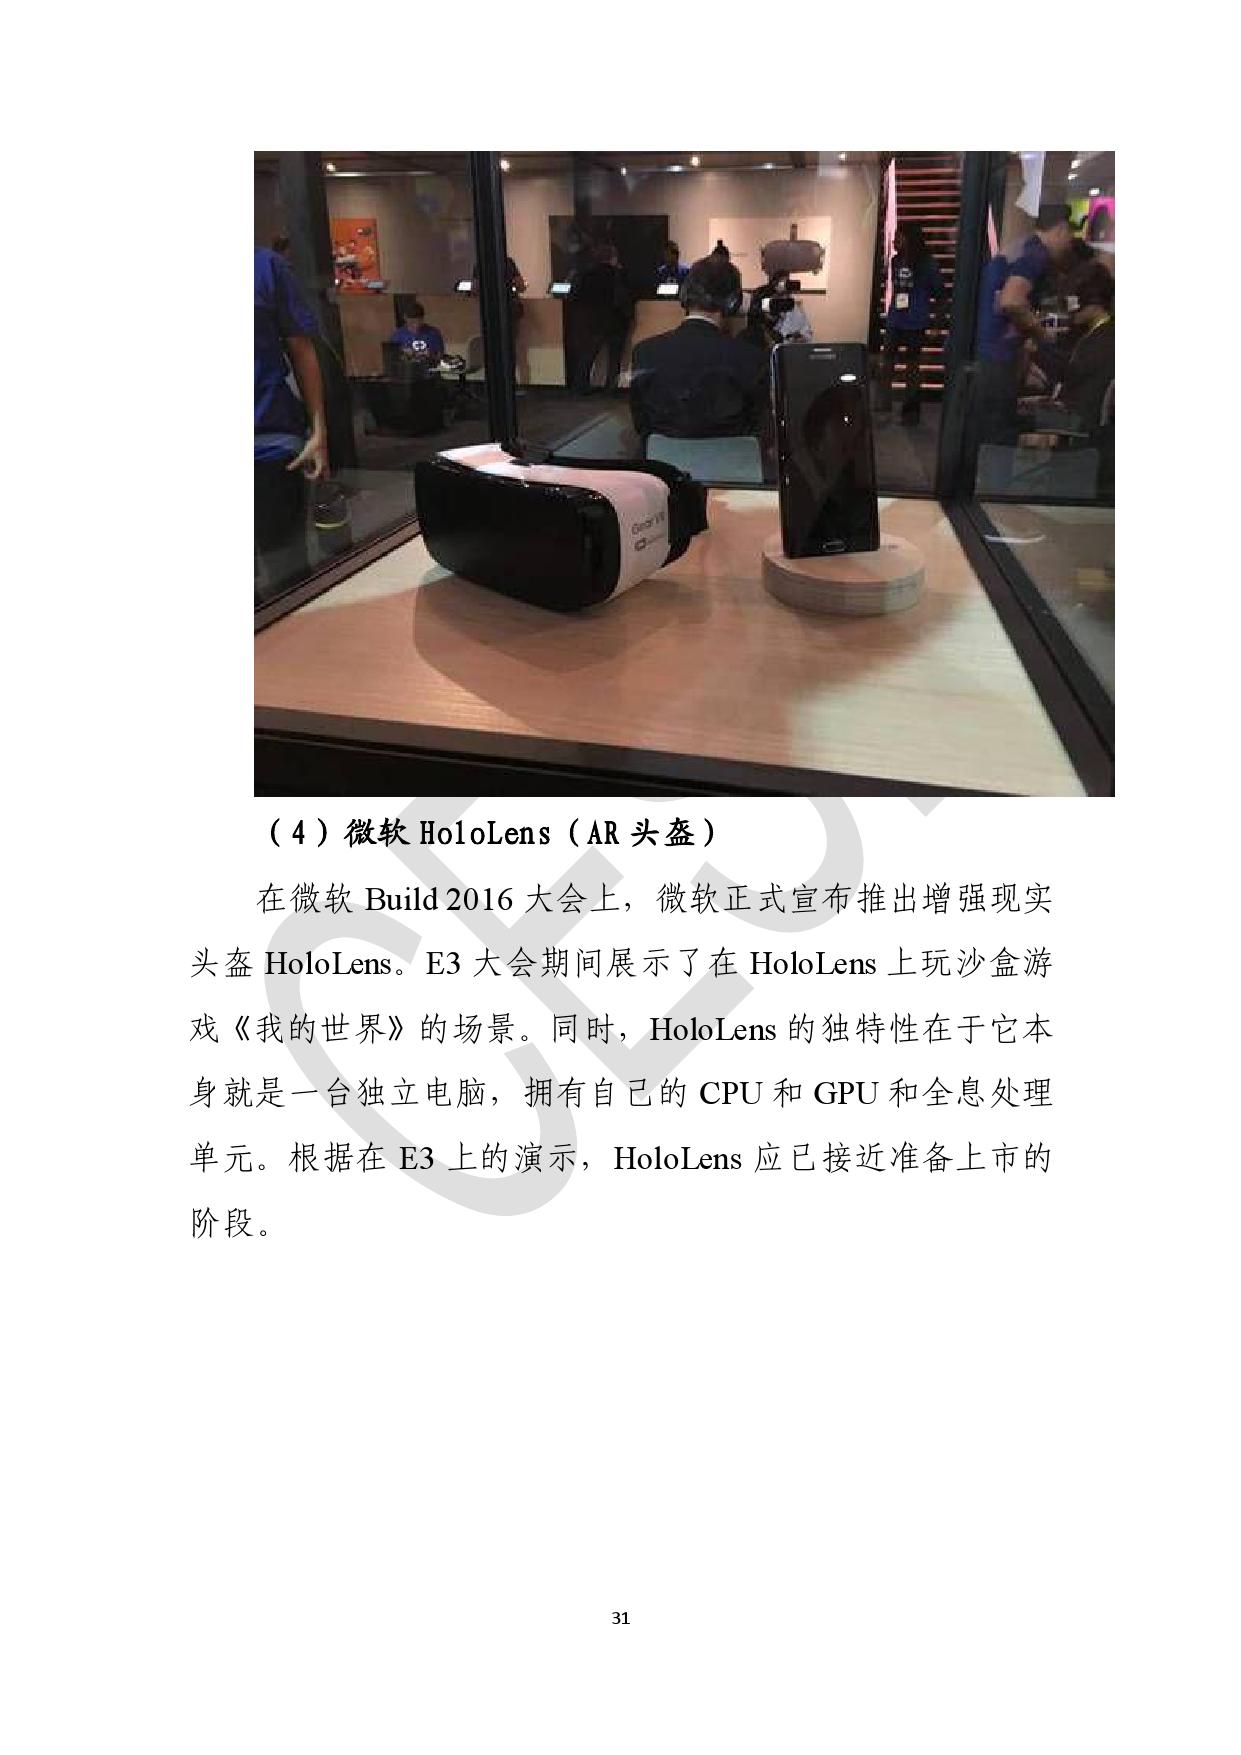 2016年虚拟现实产业发展白皮书_000033